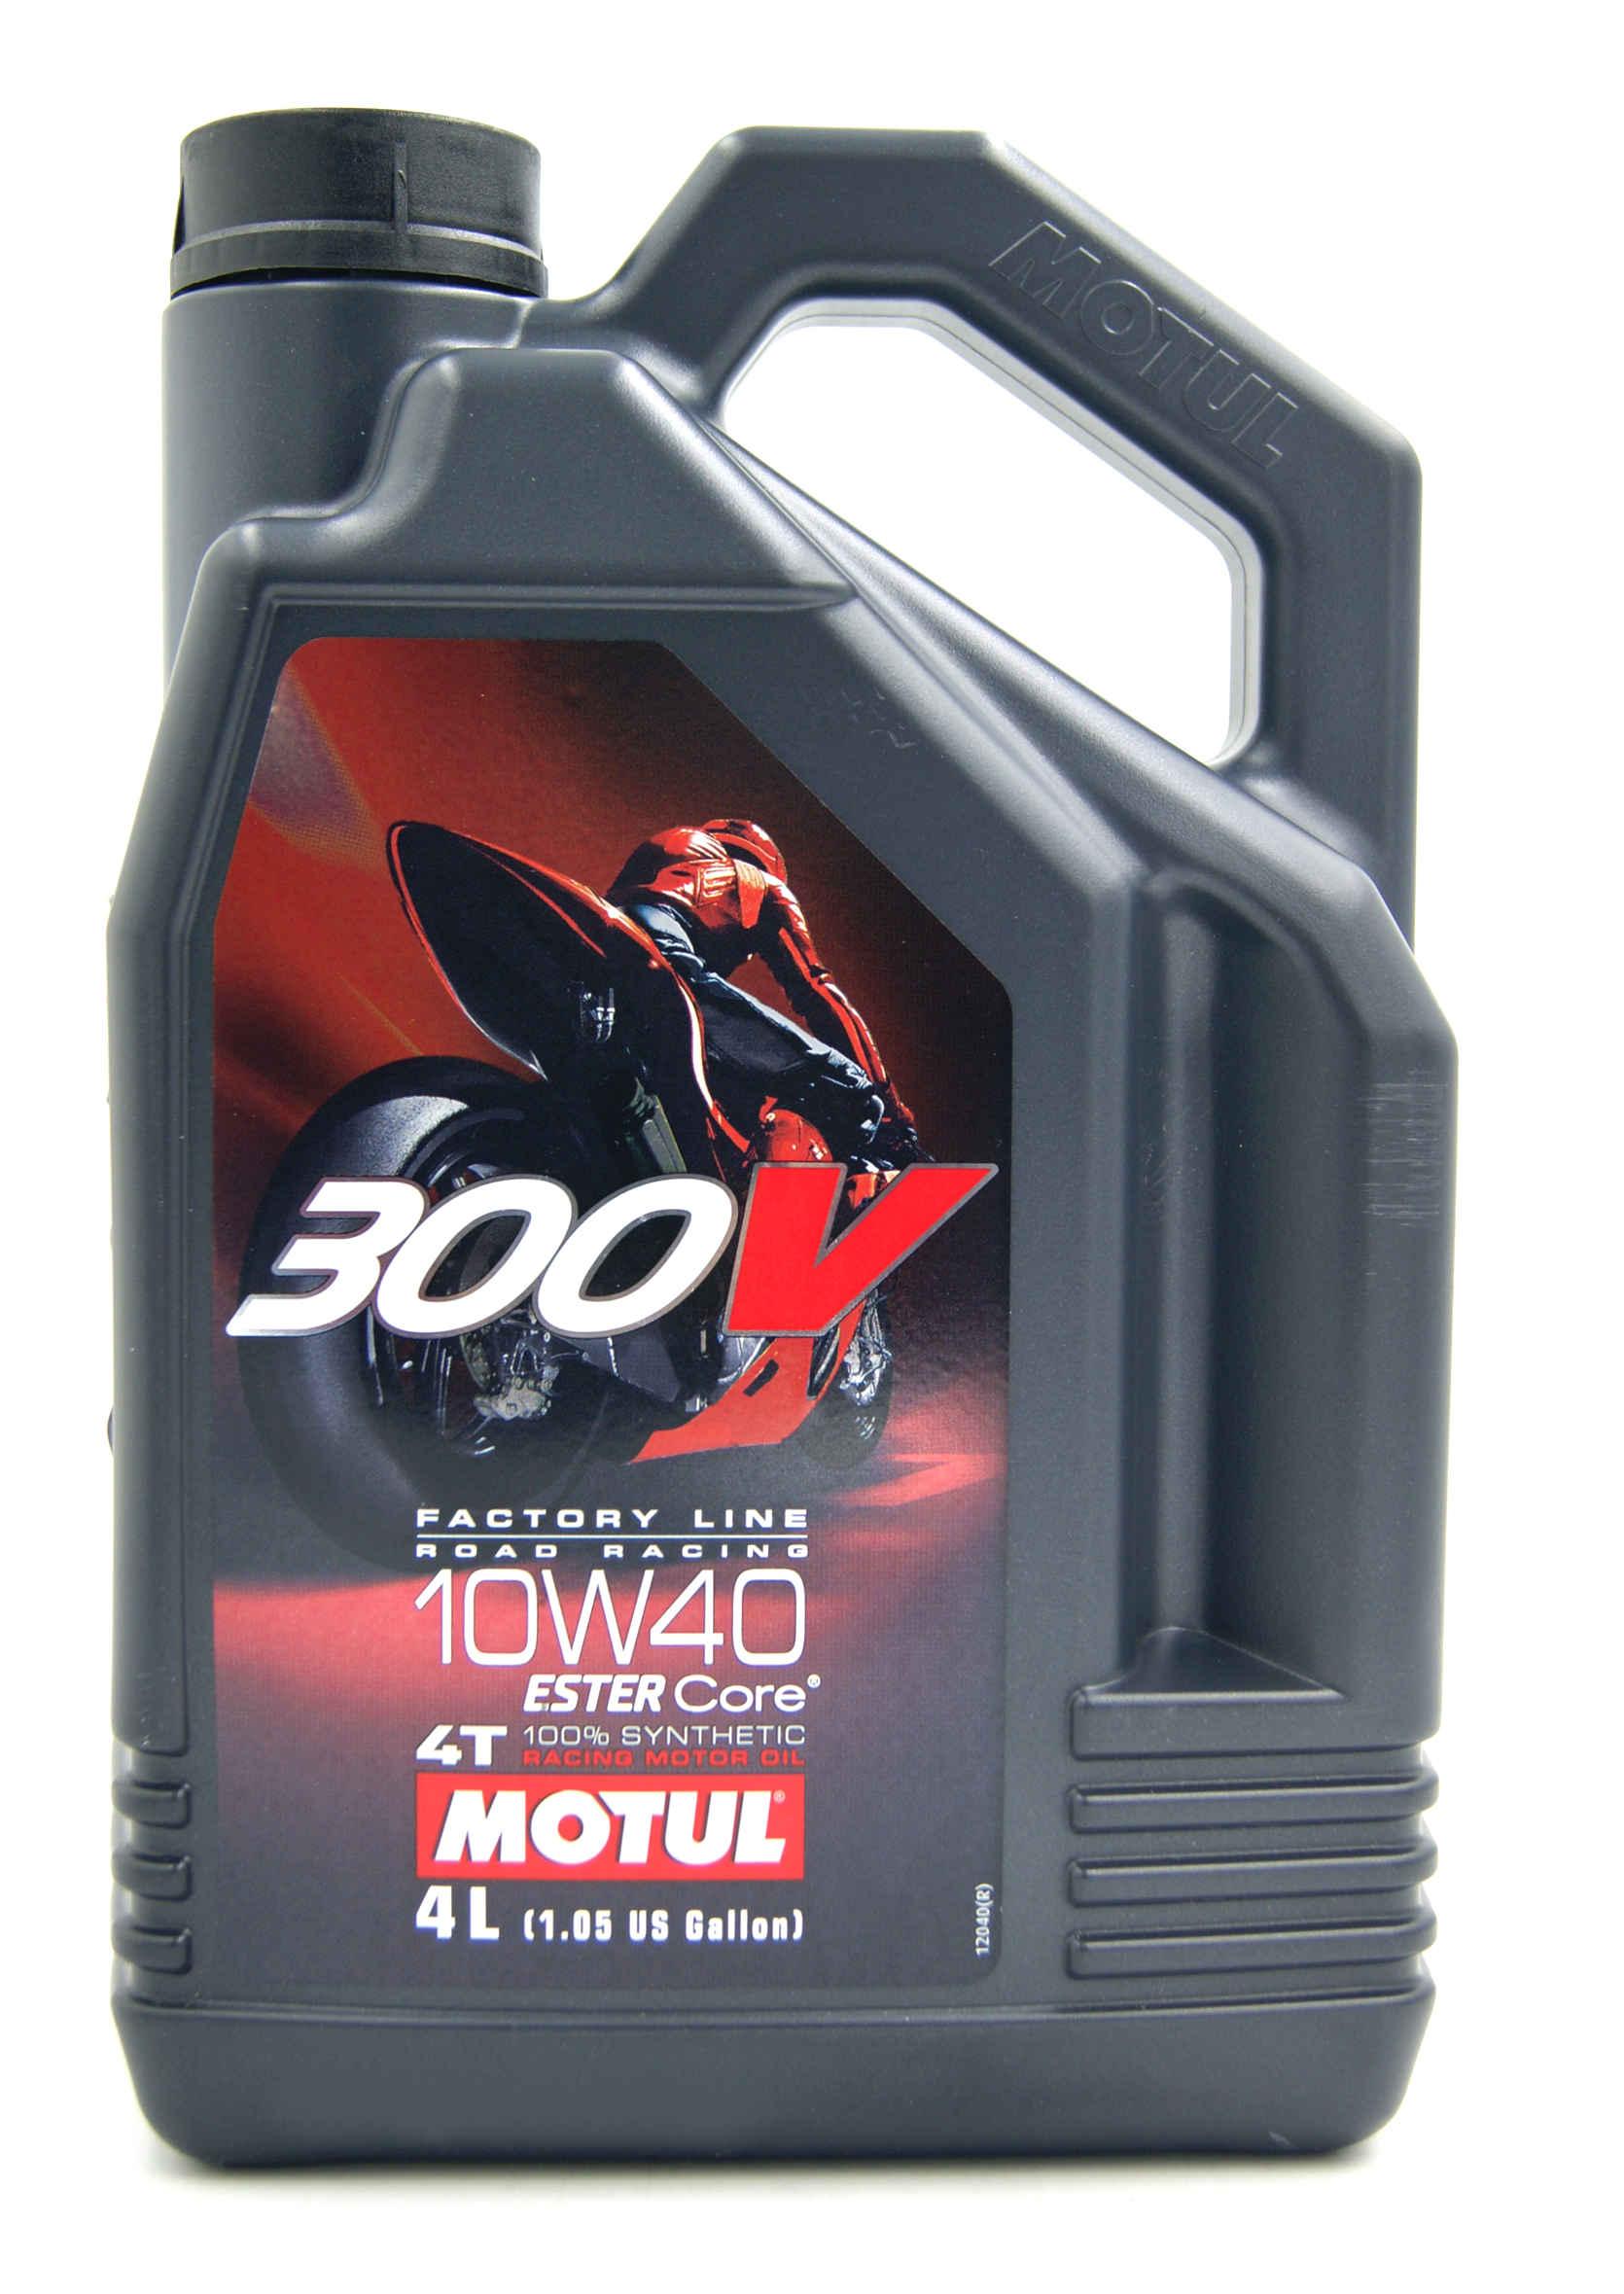 Motul 300V Factory Line Road Racing 4T 10W40 4L Olej Silnikowy Syntetyczny Motocyklowy